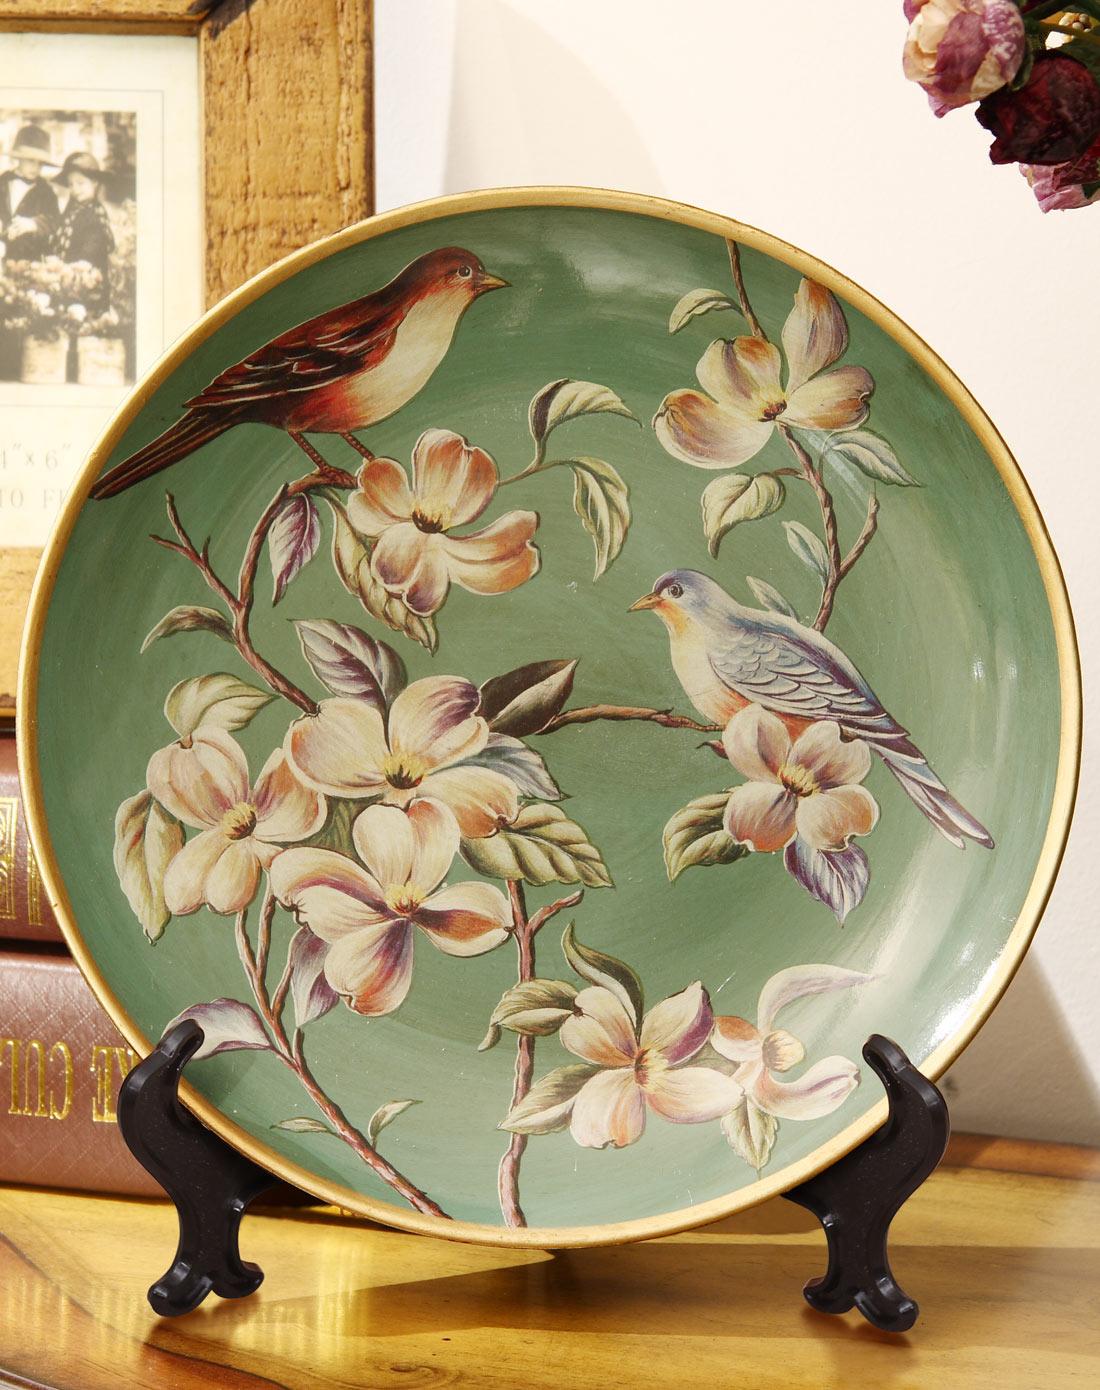 欧式田园家居创意摆件陶瓷摆盘工艺品图片